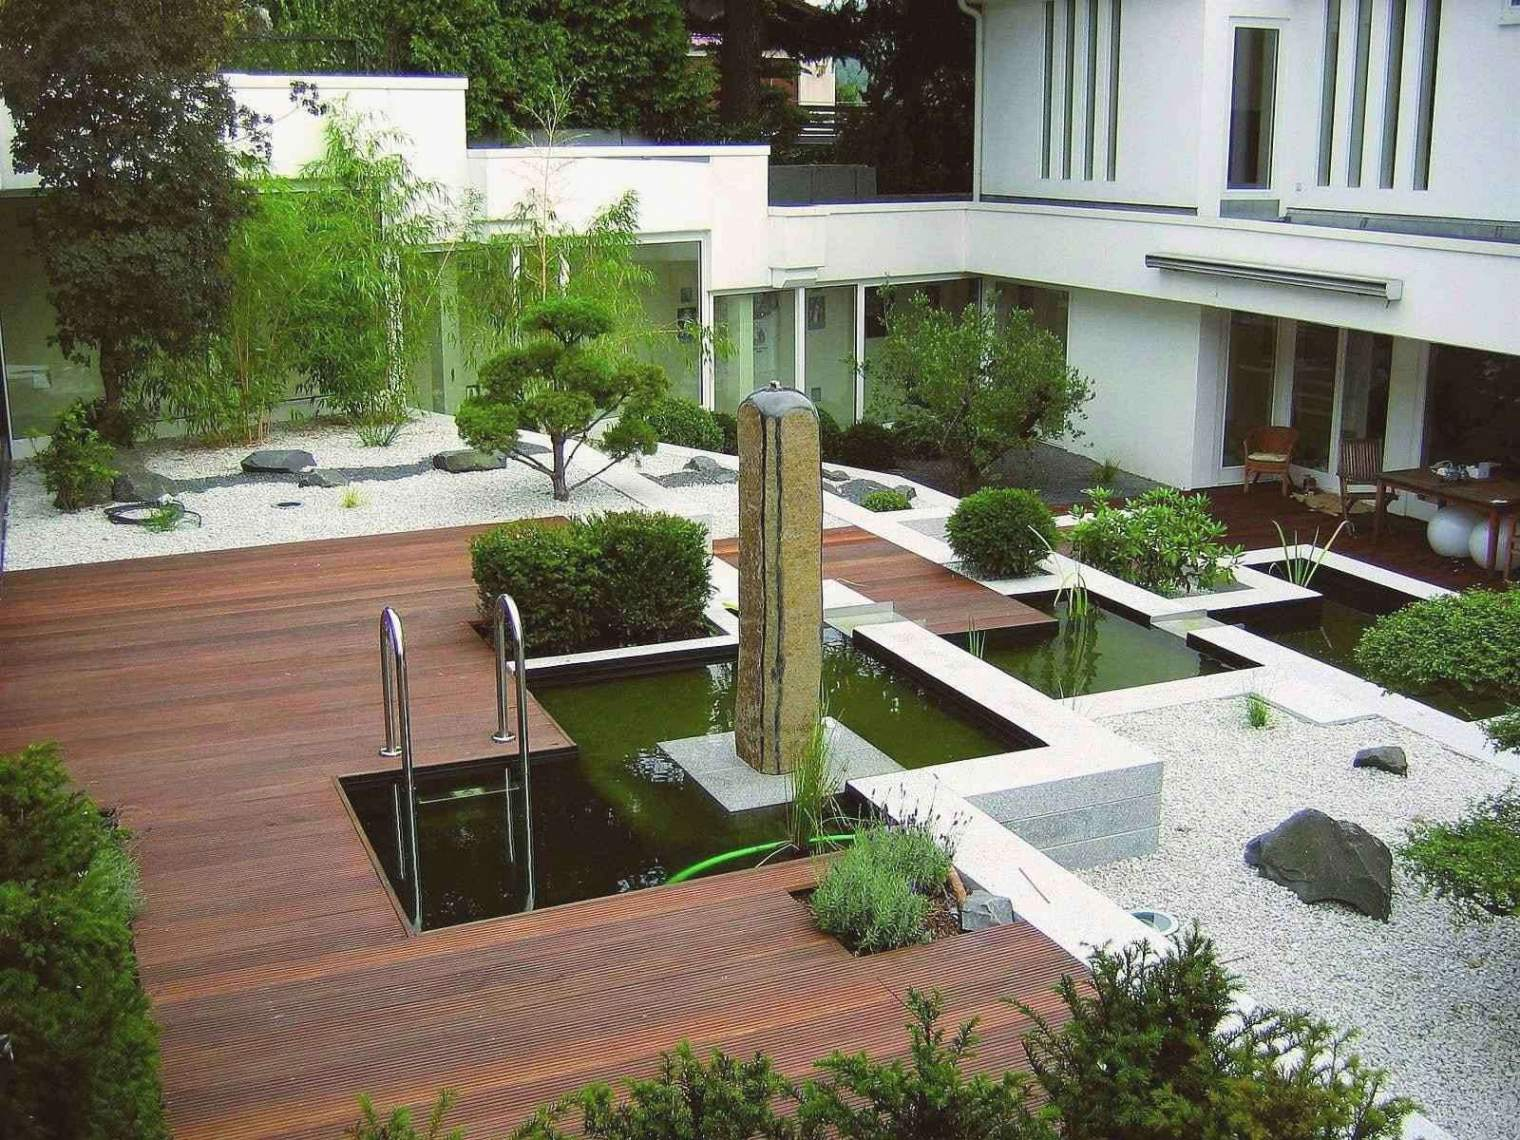 pool fur kleinen garten einzigartig kleine pools fur kleine garten temobardz home blog of pool fur kleinen garten